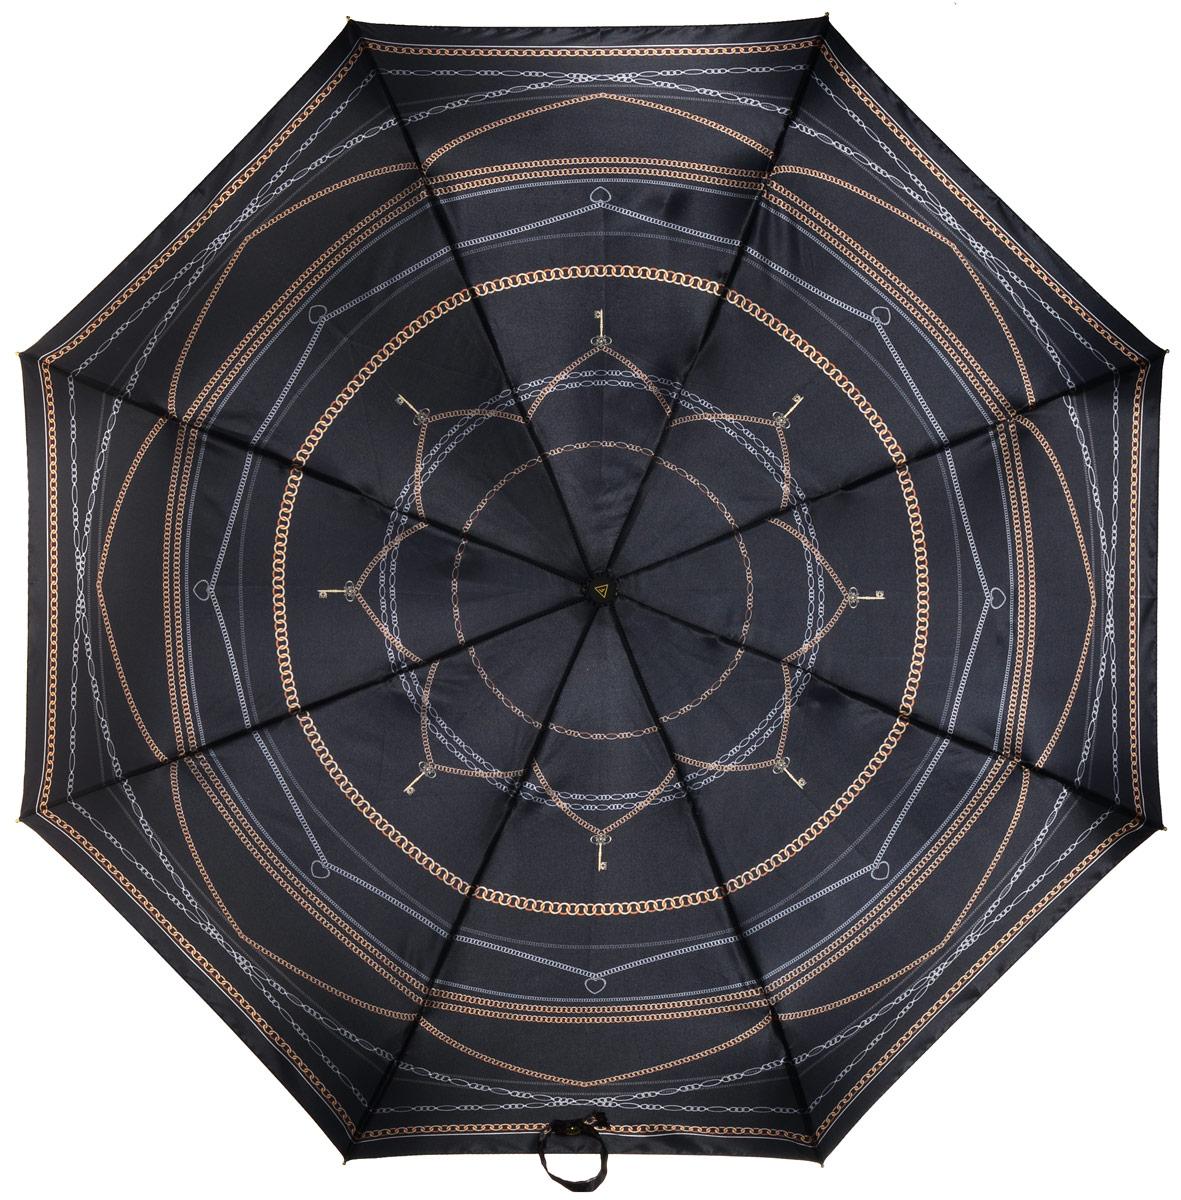 Зонт женский Fabretti, полный автомат, 3 сложения, цвет: черный. S-16103-9S-16103-9Зонт женский Fabretti, суперавтомат, 3 сложения, сатин